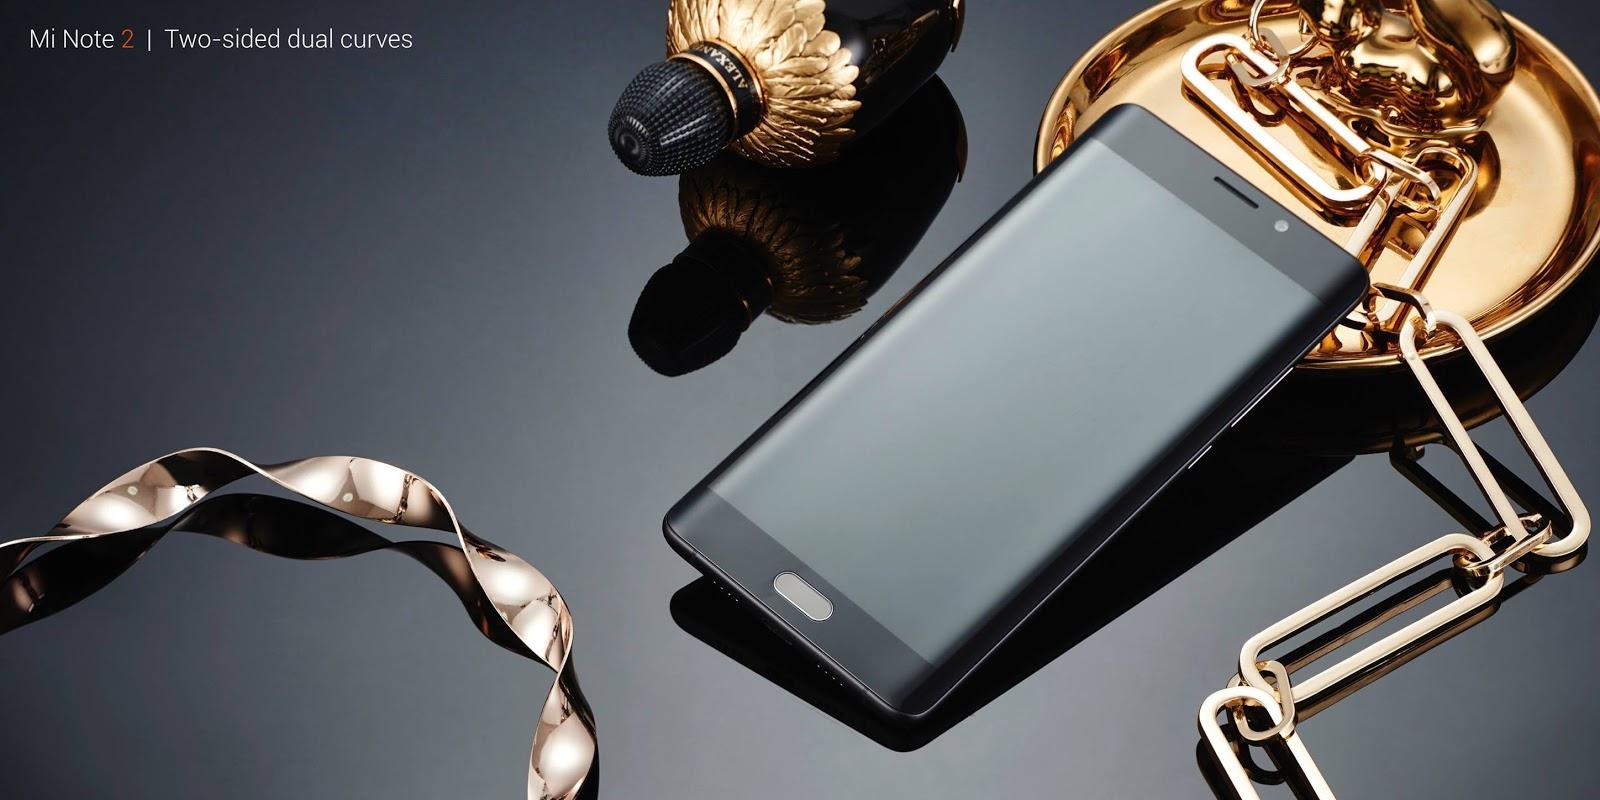 Осенний смартфонопад: китайский «Galaxy Note 7» и другие новинки от Xiaomi - 21